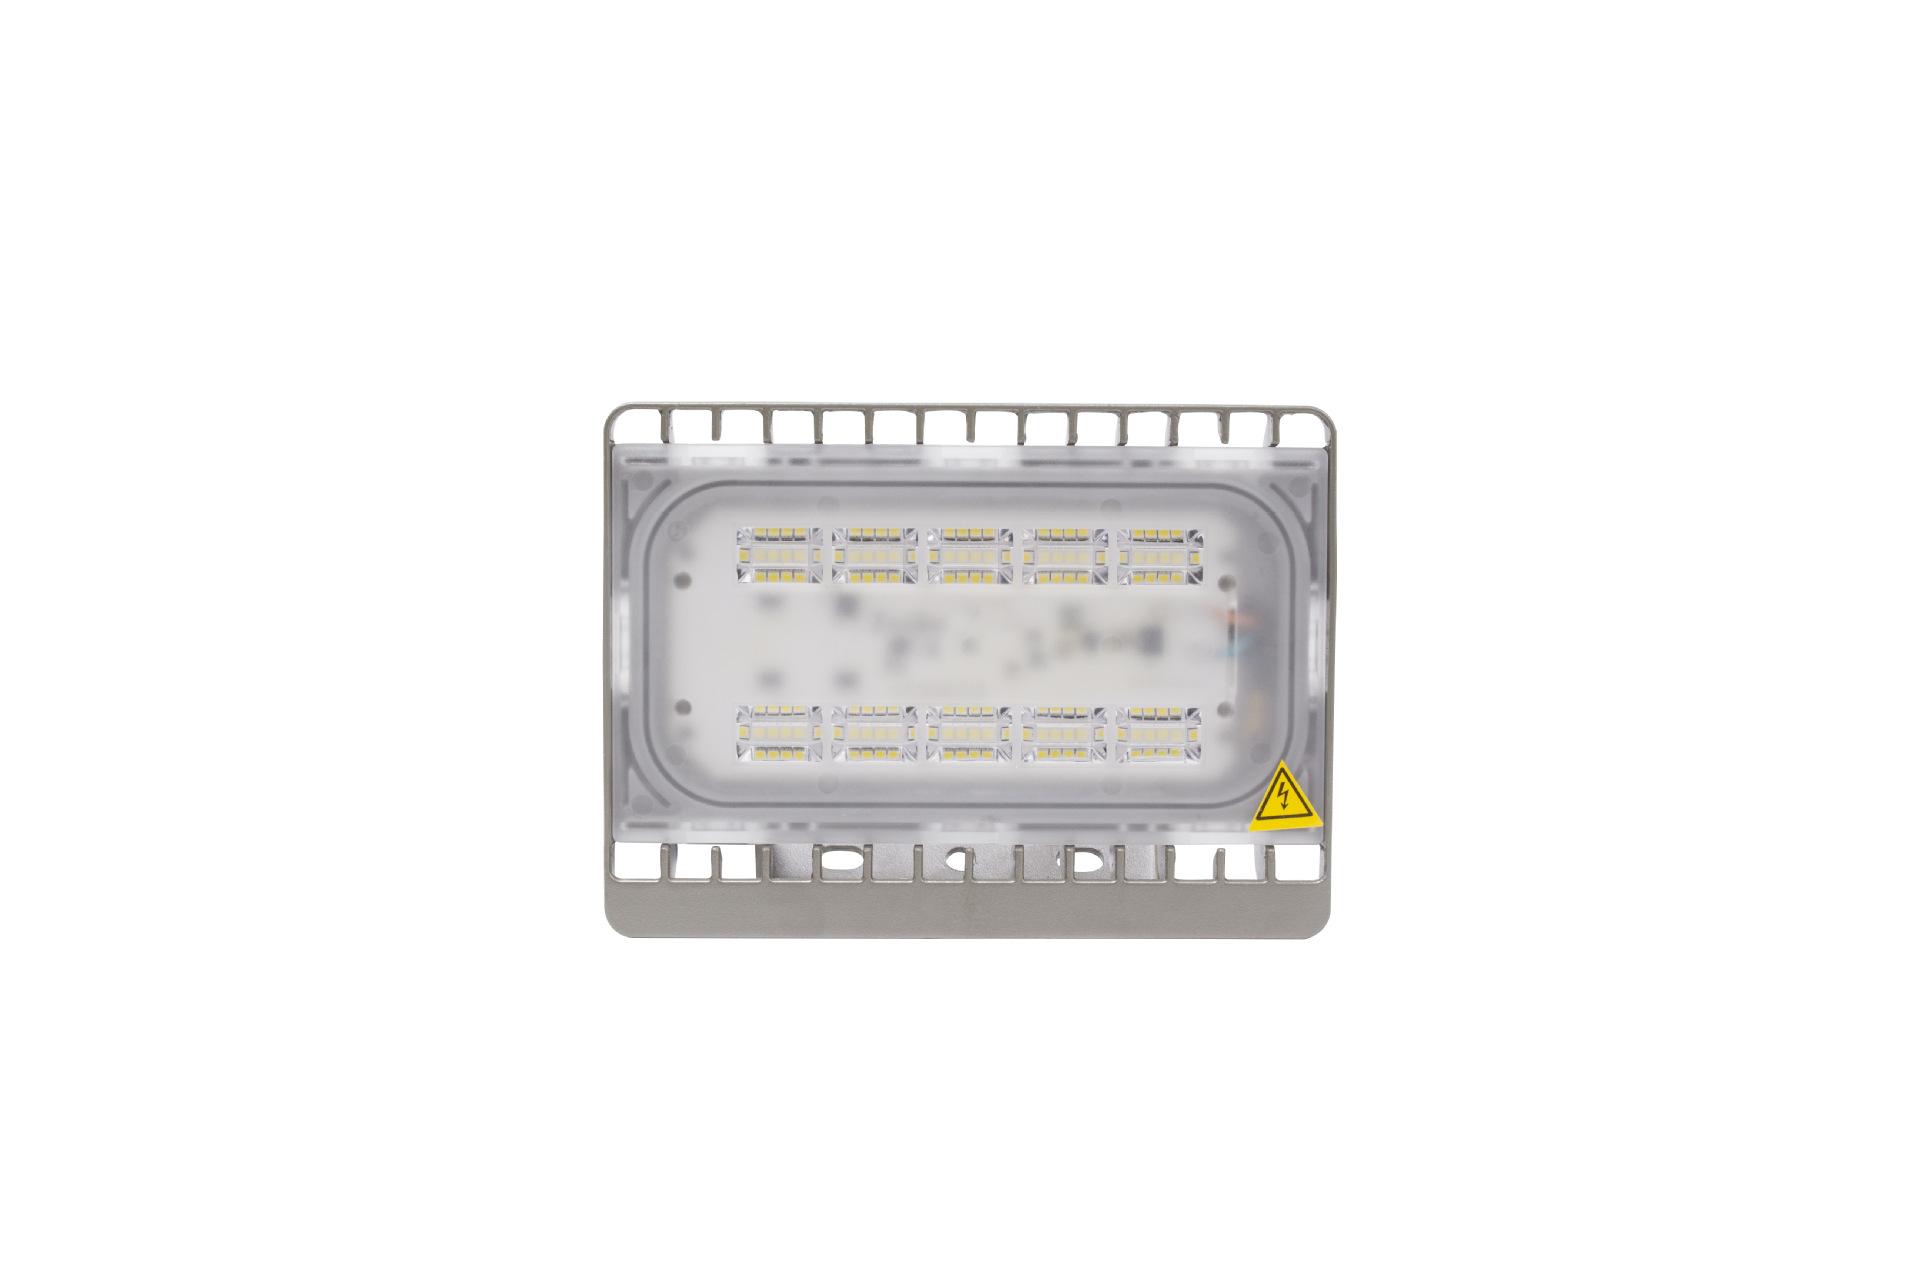 LED投光灯(免驱款)实用于BVP161(30W)投光灯